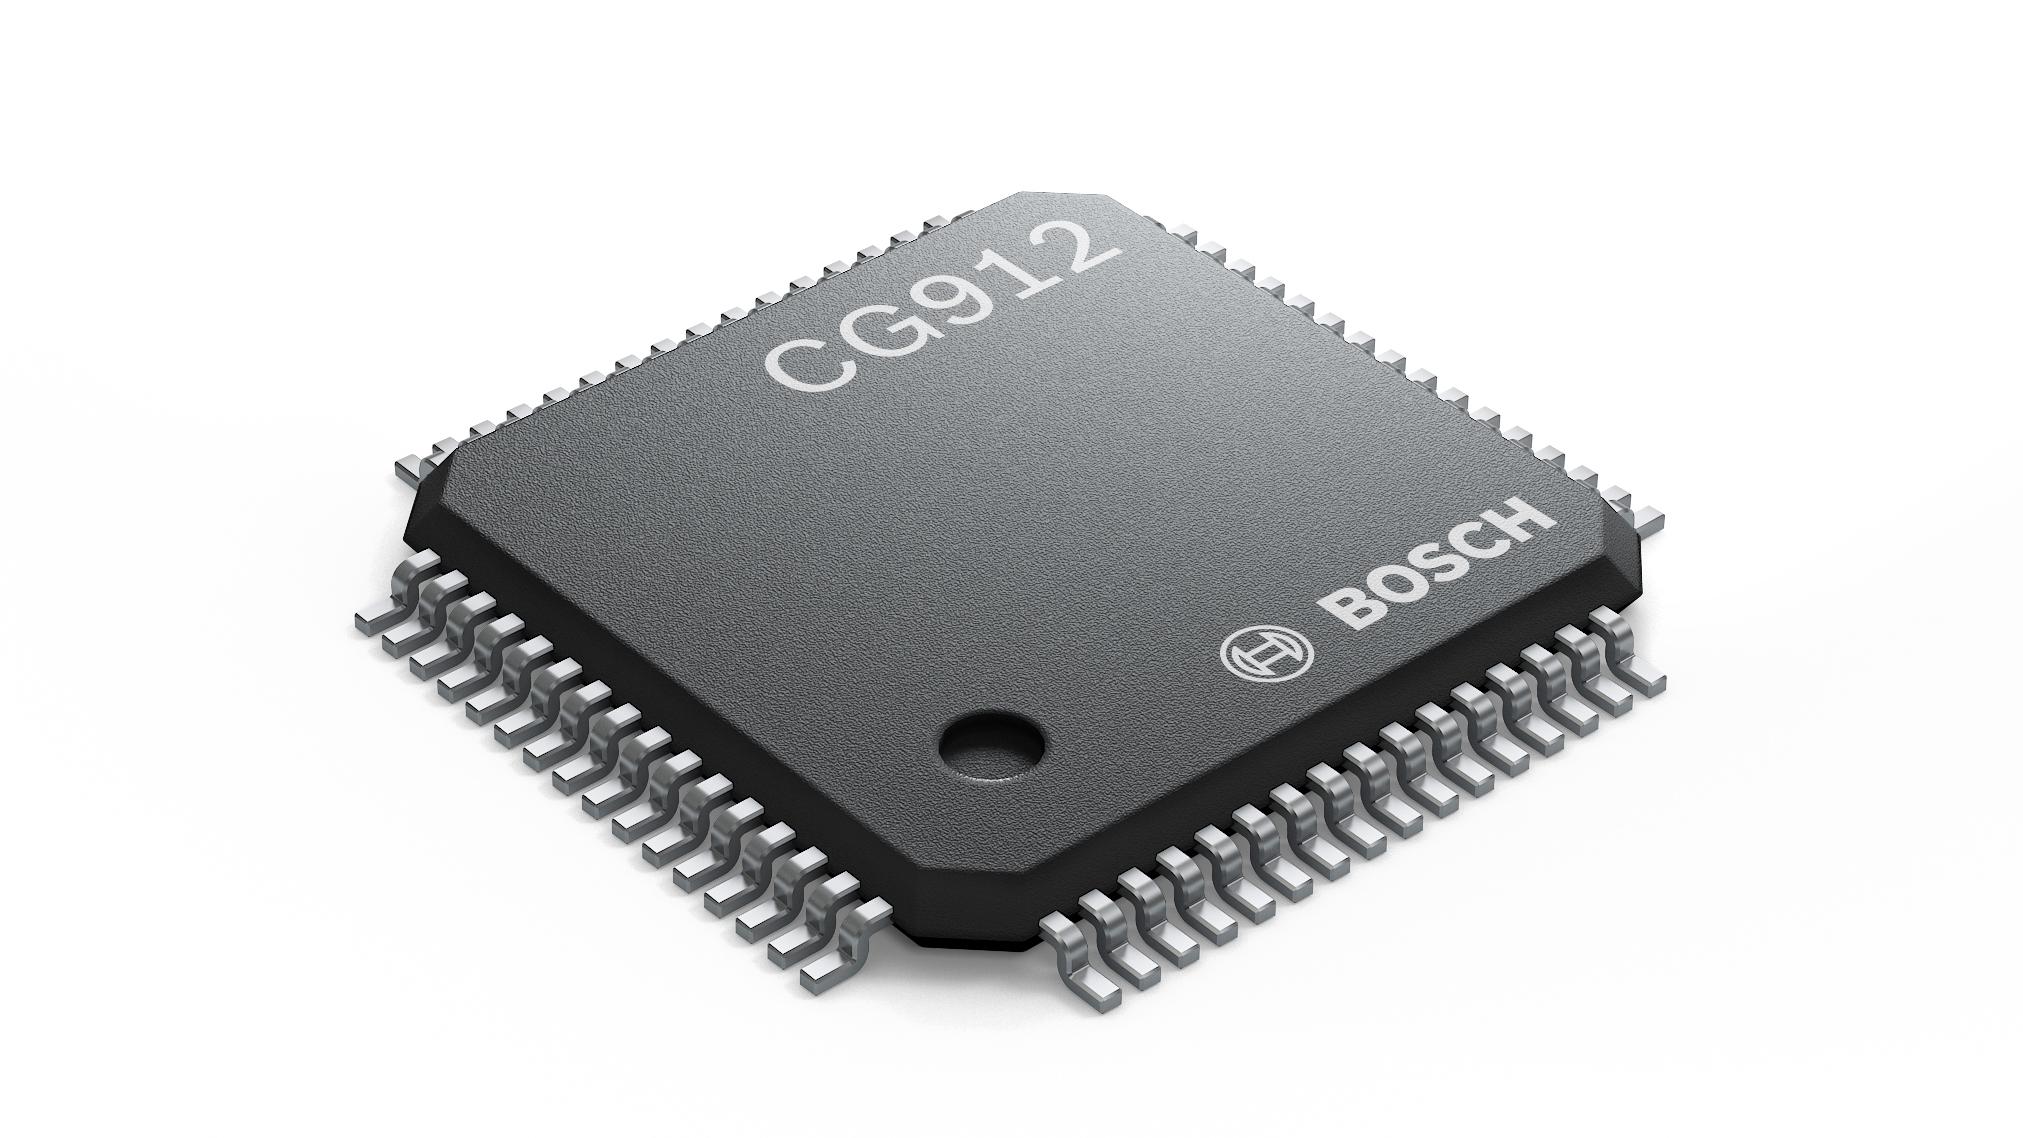 CG912 – circuito integrado específico de aplicação (ASIC) da Bosch